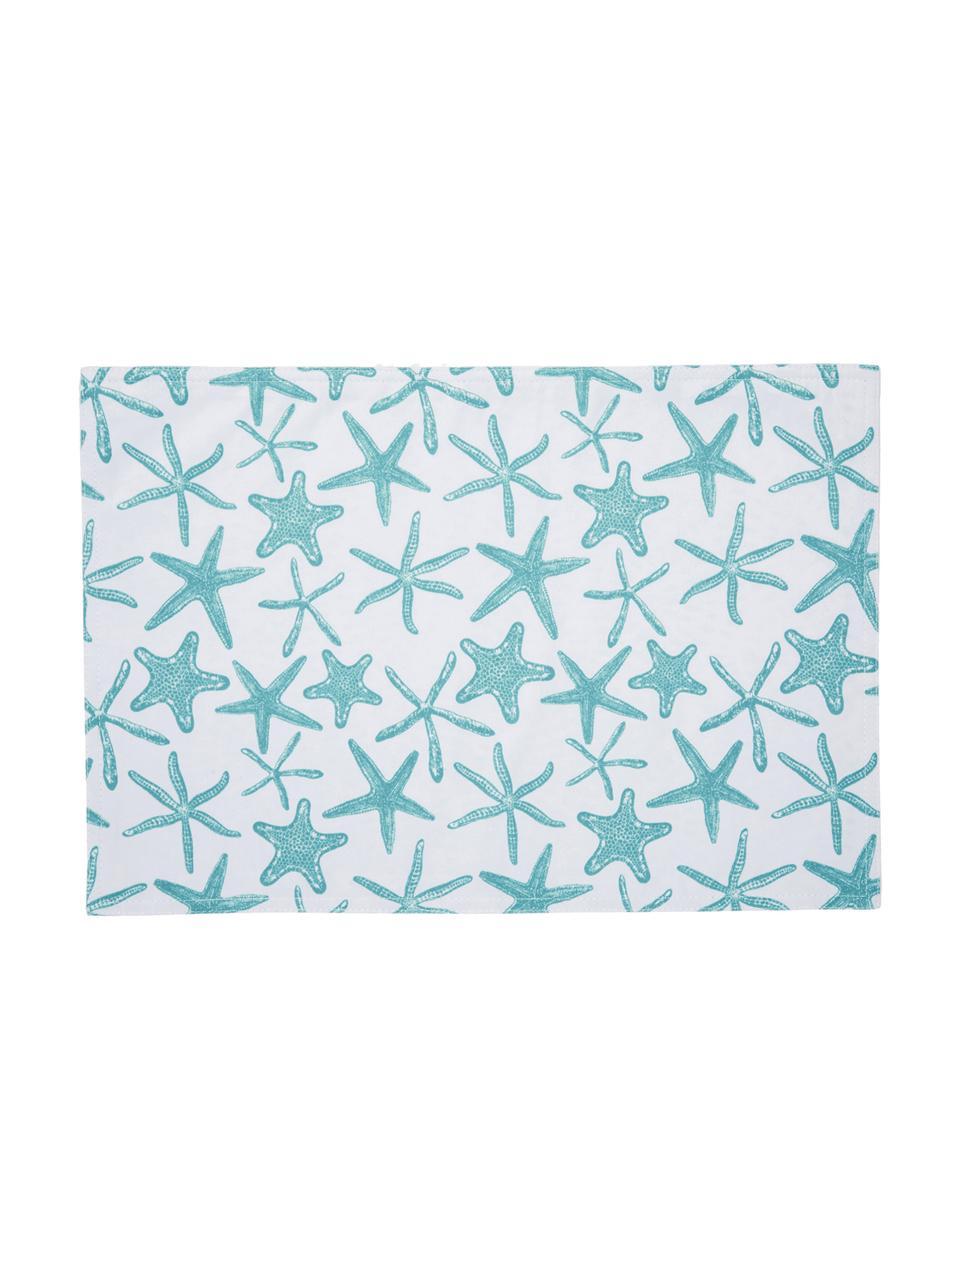 Wasserabweisende Tischsets Starbone, 2 Stück, Polyester, Weiß, Blau, 33 x 48 cm